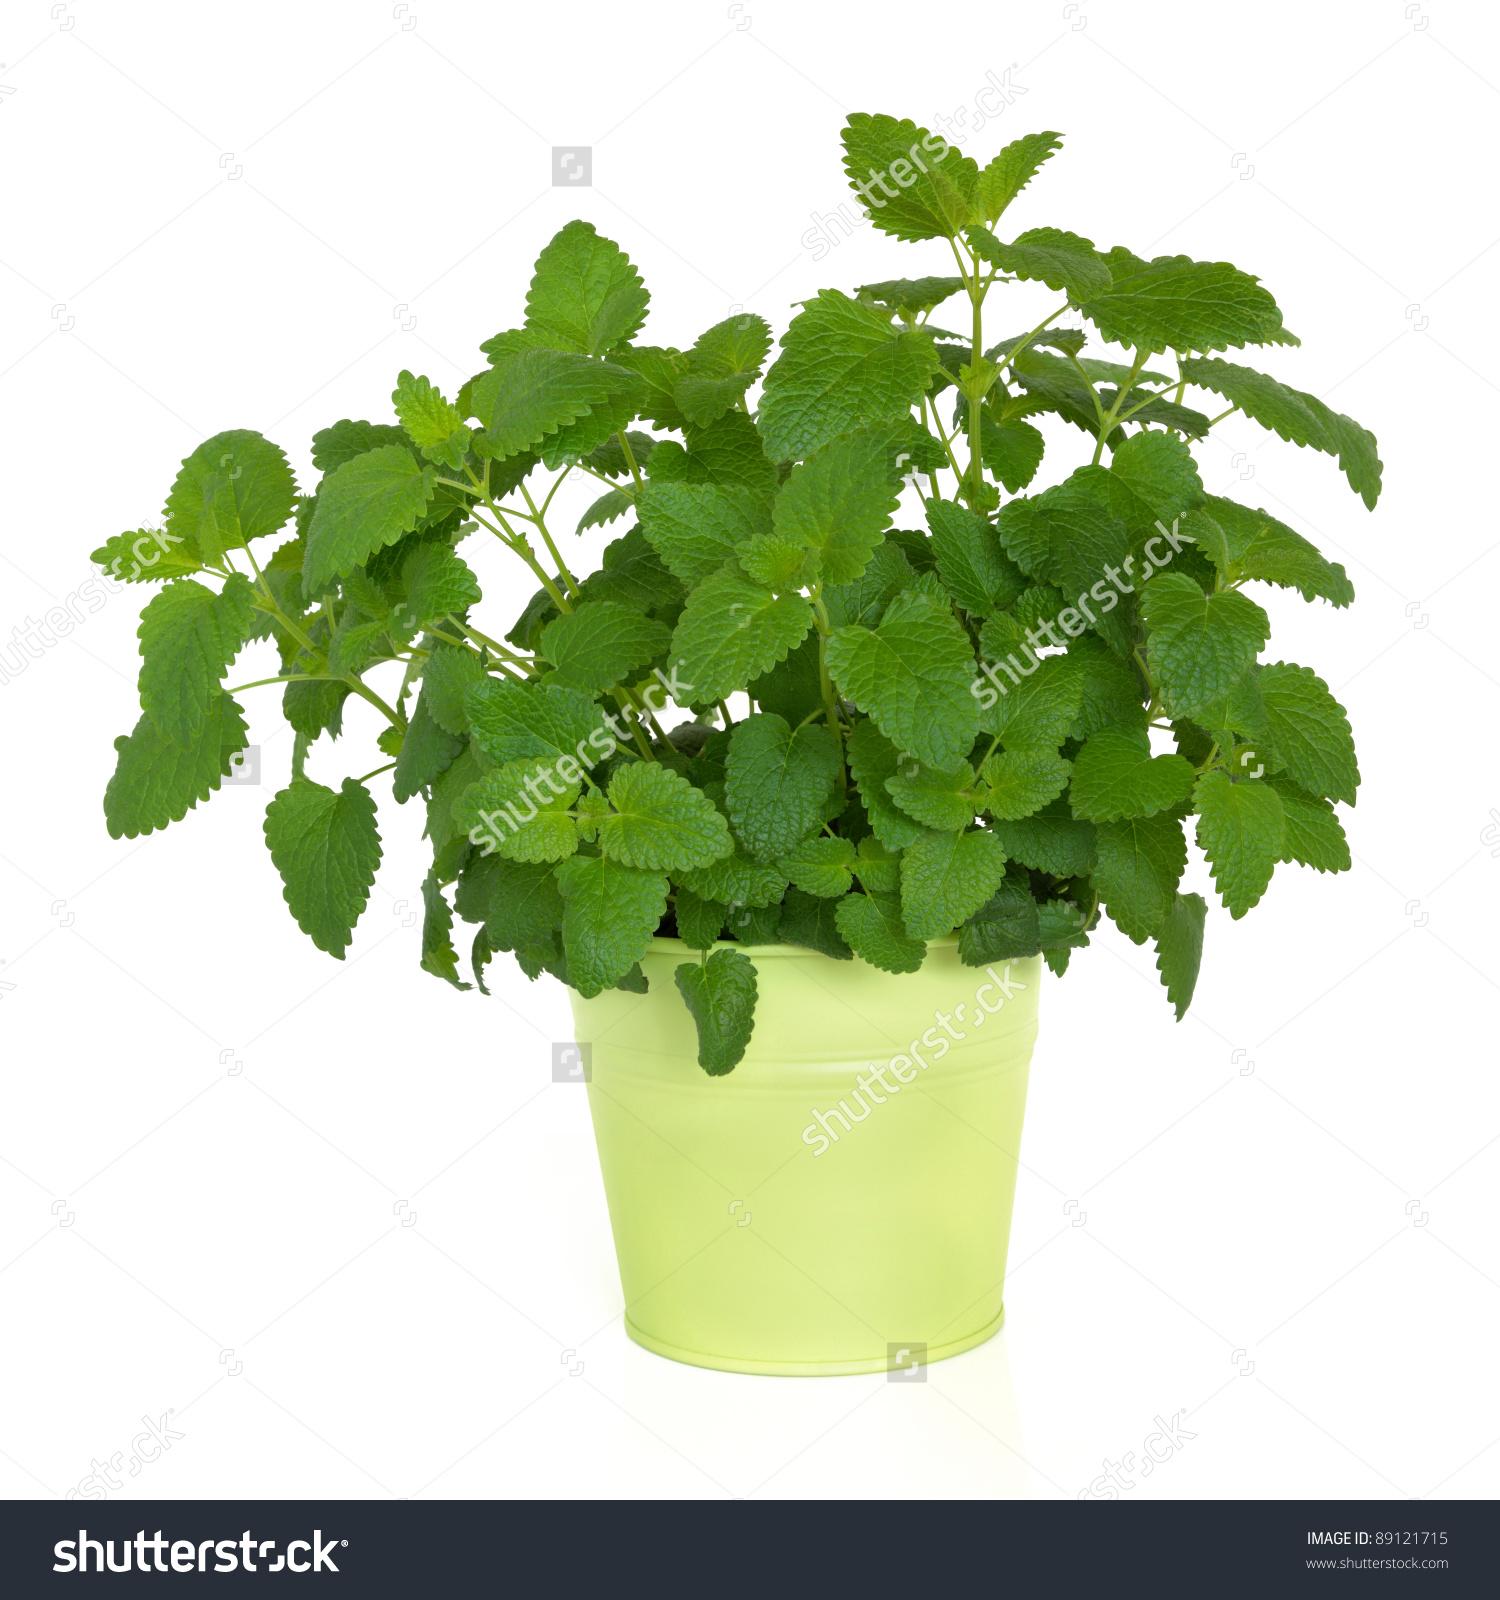 Lemon Balm Herb Plant Green Metal Stock Photo 89121715.